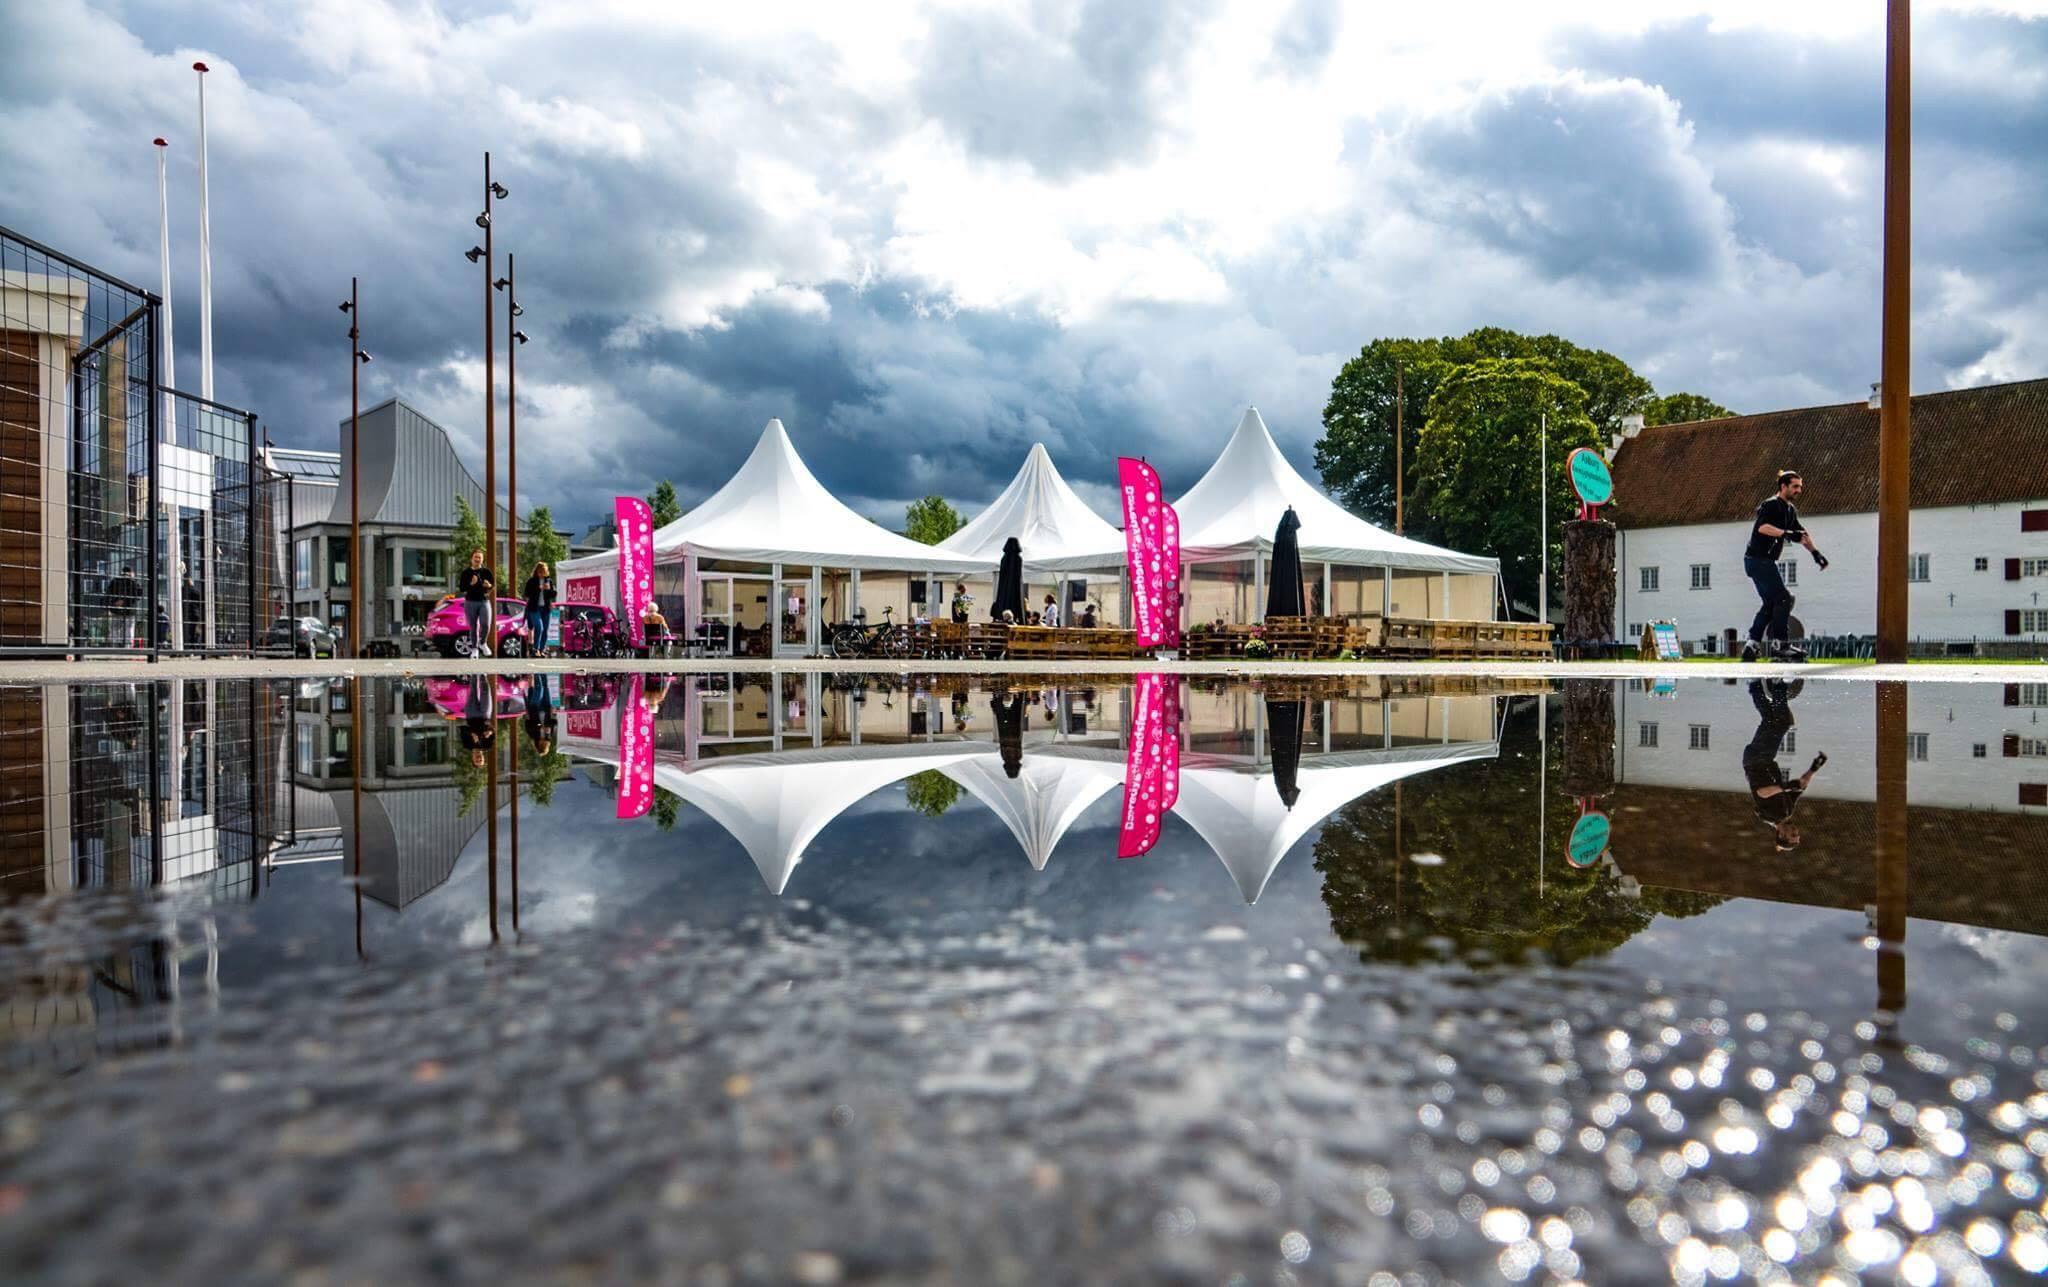 Stadig masser af aktiviteter: Aalborg Bæredygtighedsfestival afvikles på en ny måde